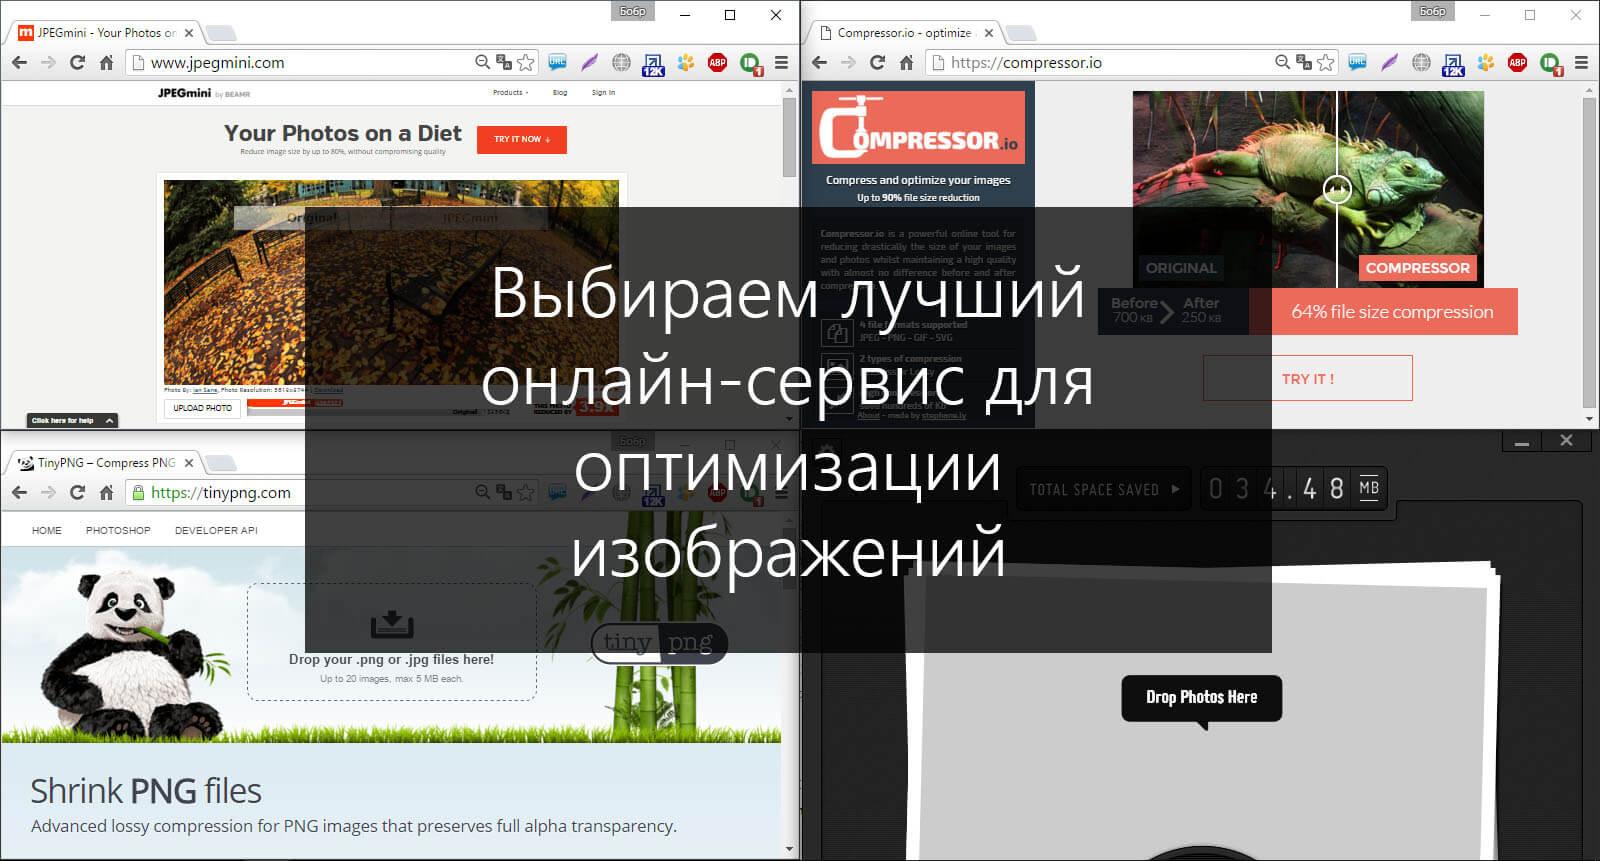 Выбираем лучший онлайн-сервис для оптимизации изображений